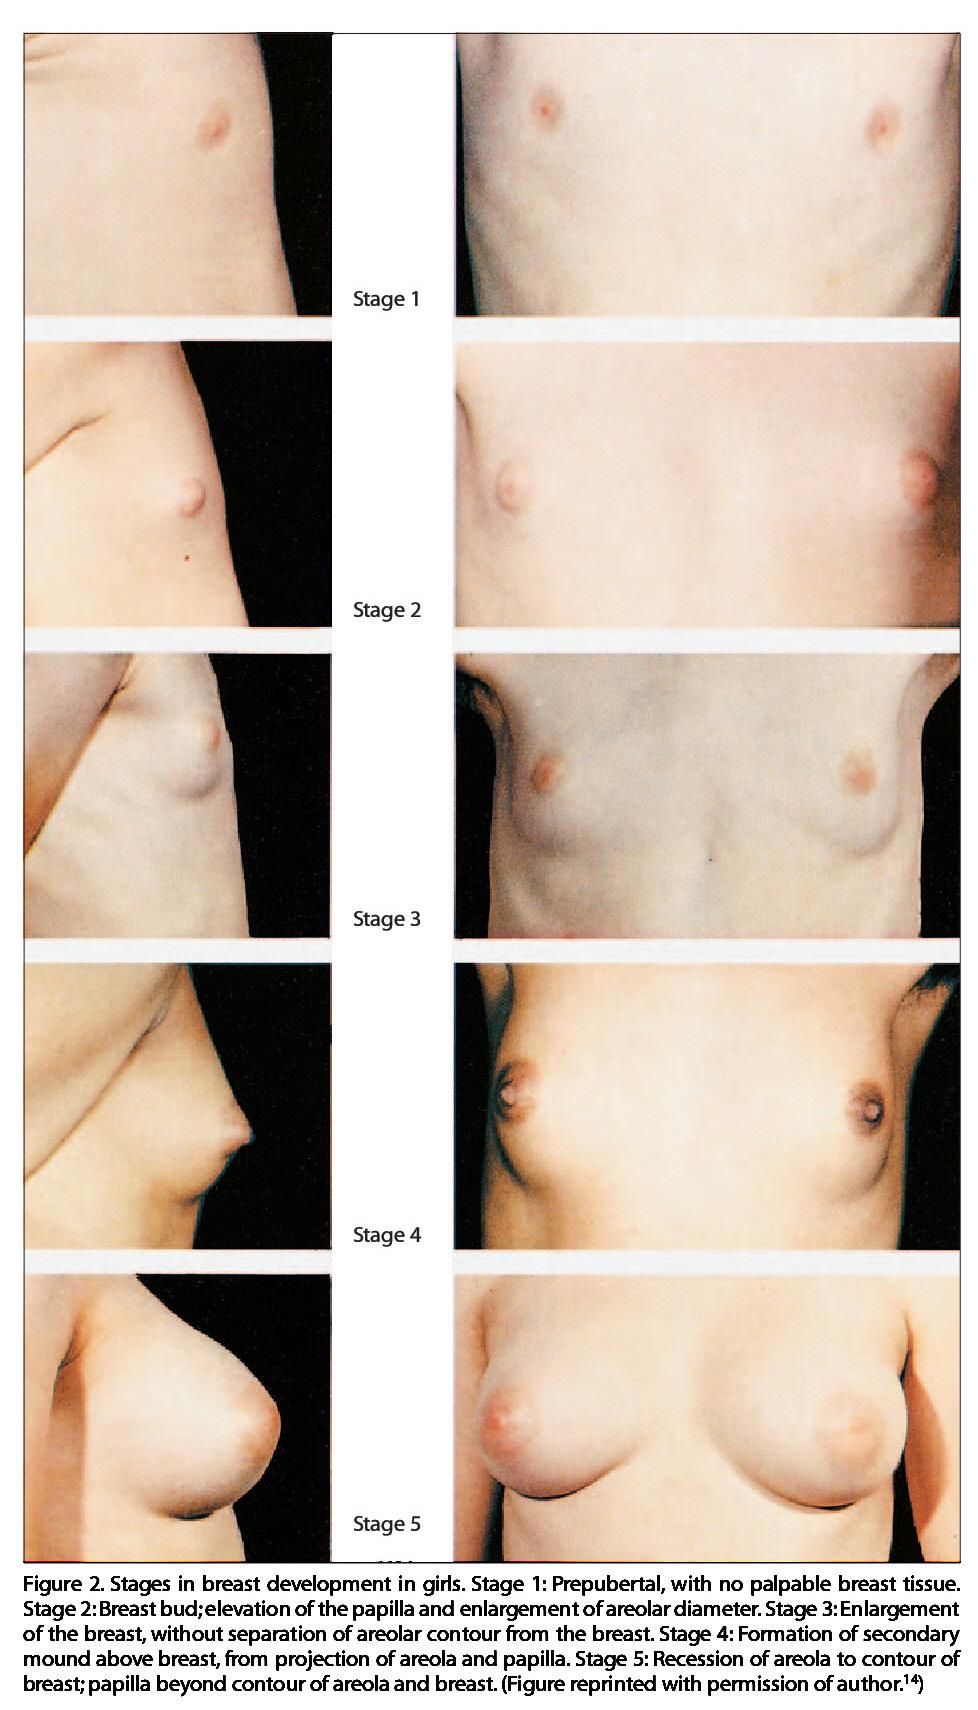 Breast enlargement in males